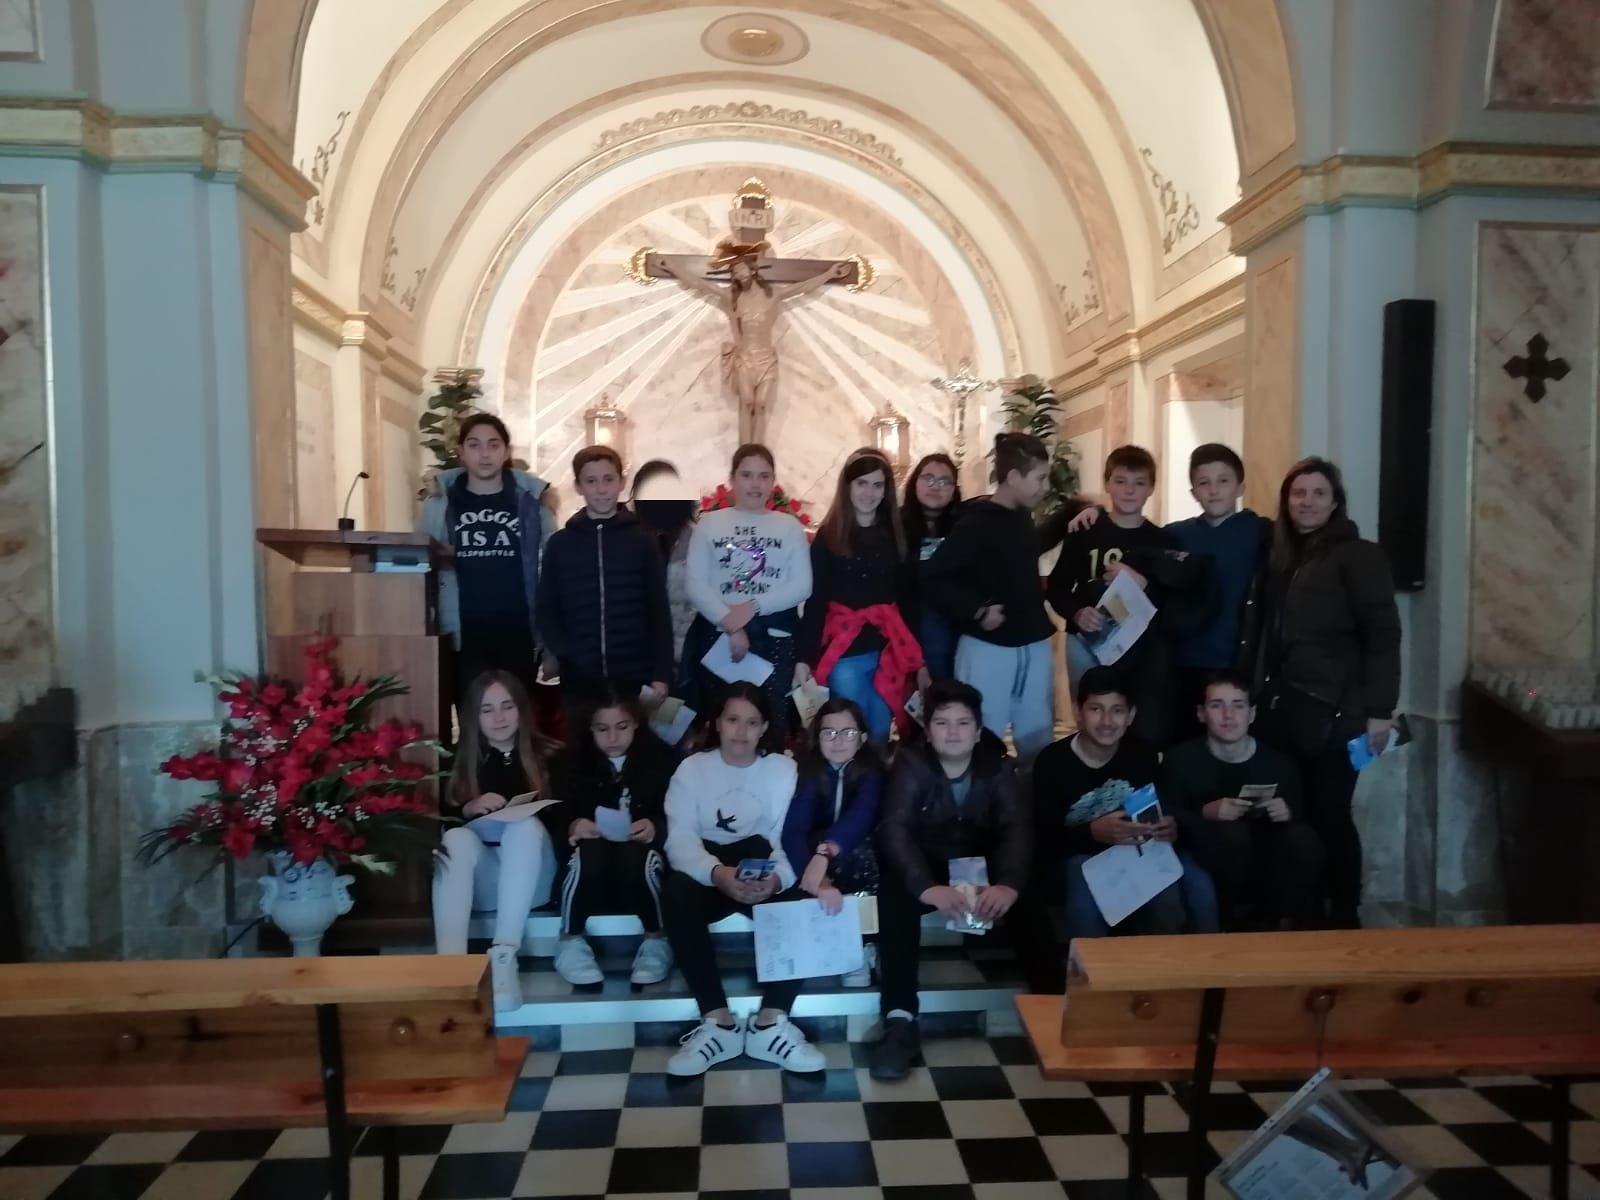 (2019-04-08) Visita ermita alumnos Yolada - 6 - Virrey Poveda - María Isabel Berenguer (05)